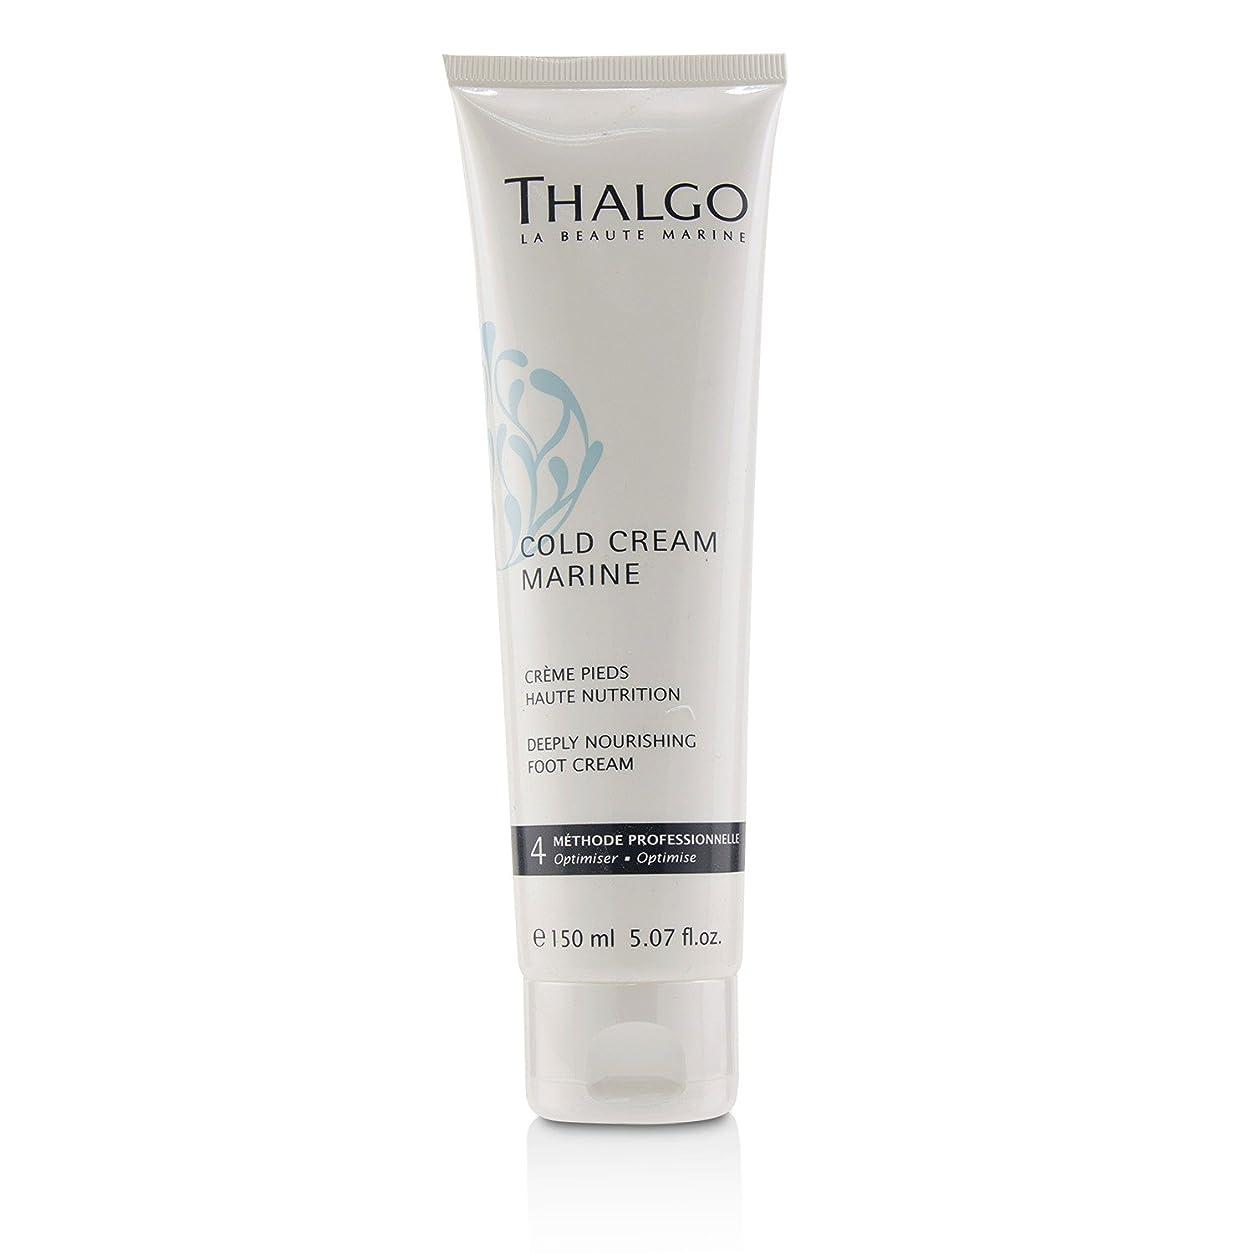 火曜日潮野望タルゴ Cold Cream Marine Deeply Nourishing Foot Cream - For Dry, Very Dry Feet (Salon Size) 150ml/5.07oz並行輸入品